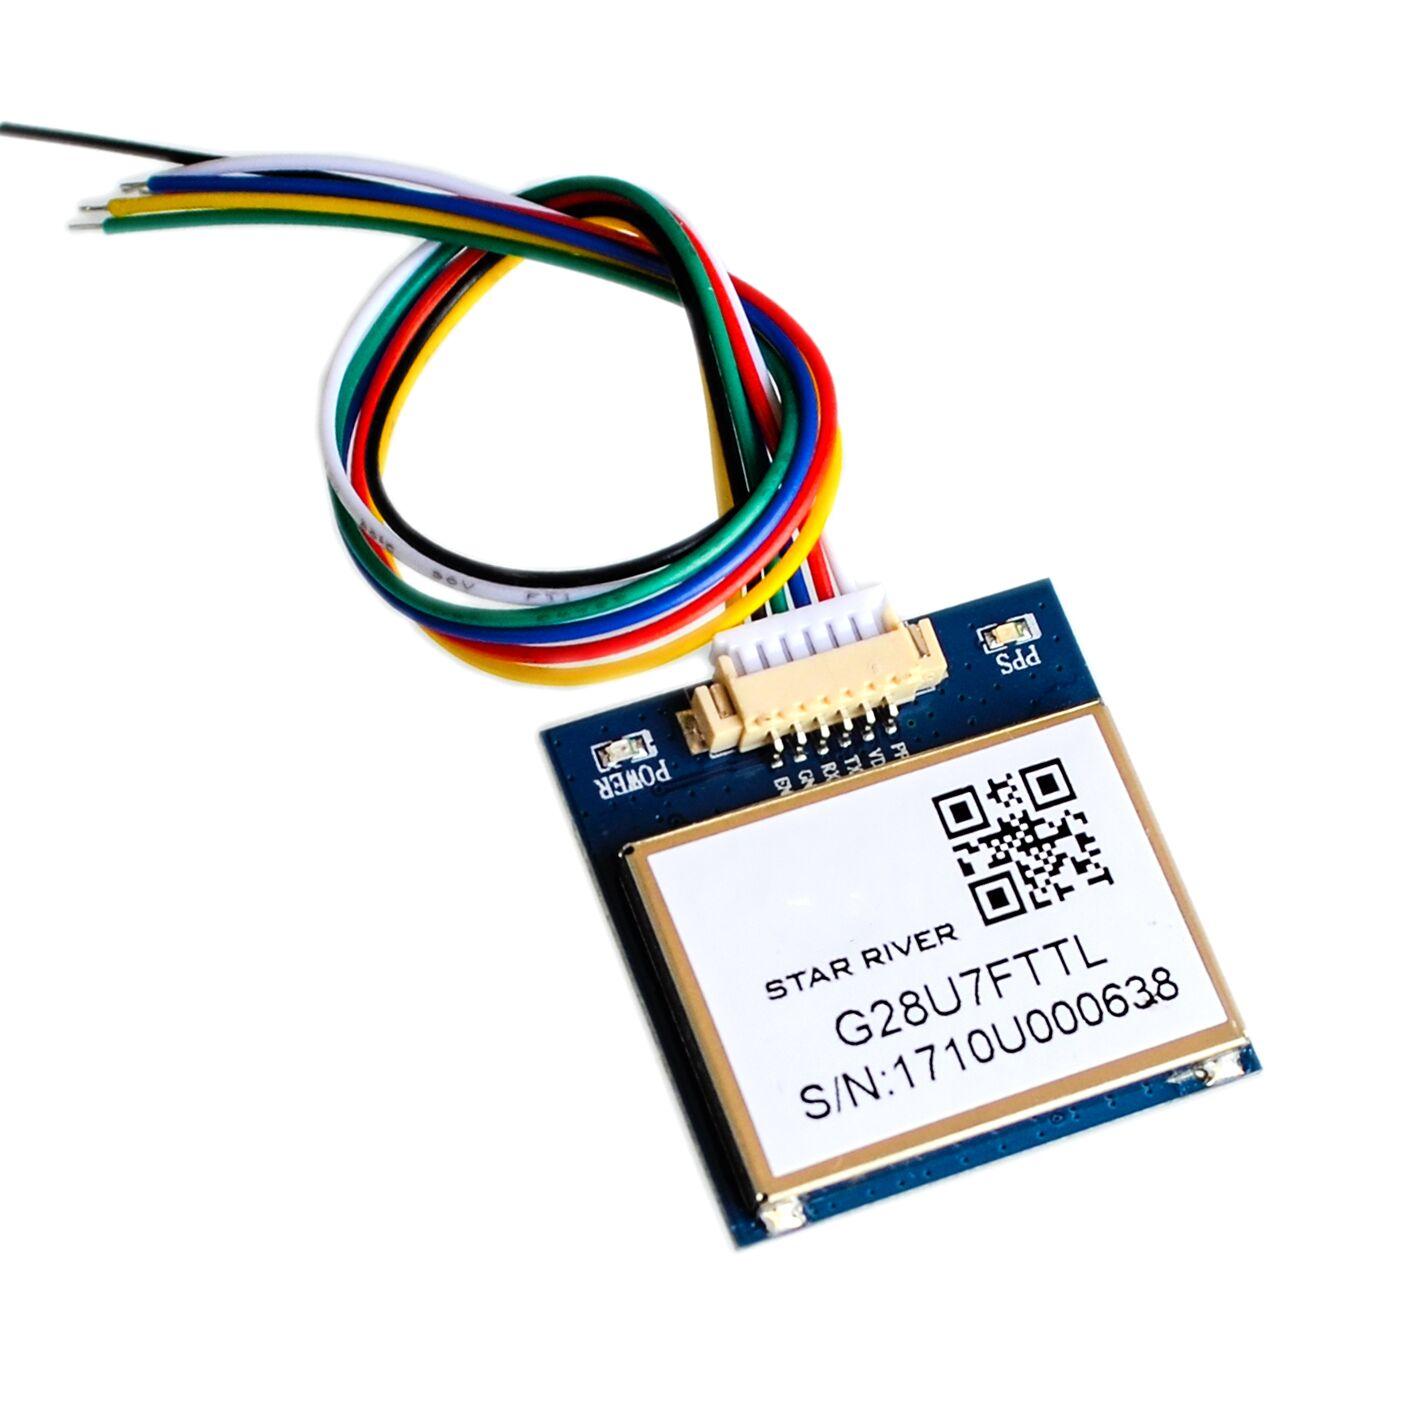 G28U7FTT más VK2828U7G5LF módulo del GPS con la antena TTL 1-10Hz con FLASH aviones modelo del Control de vuelo